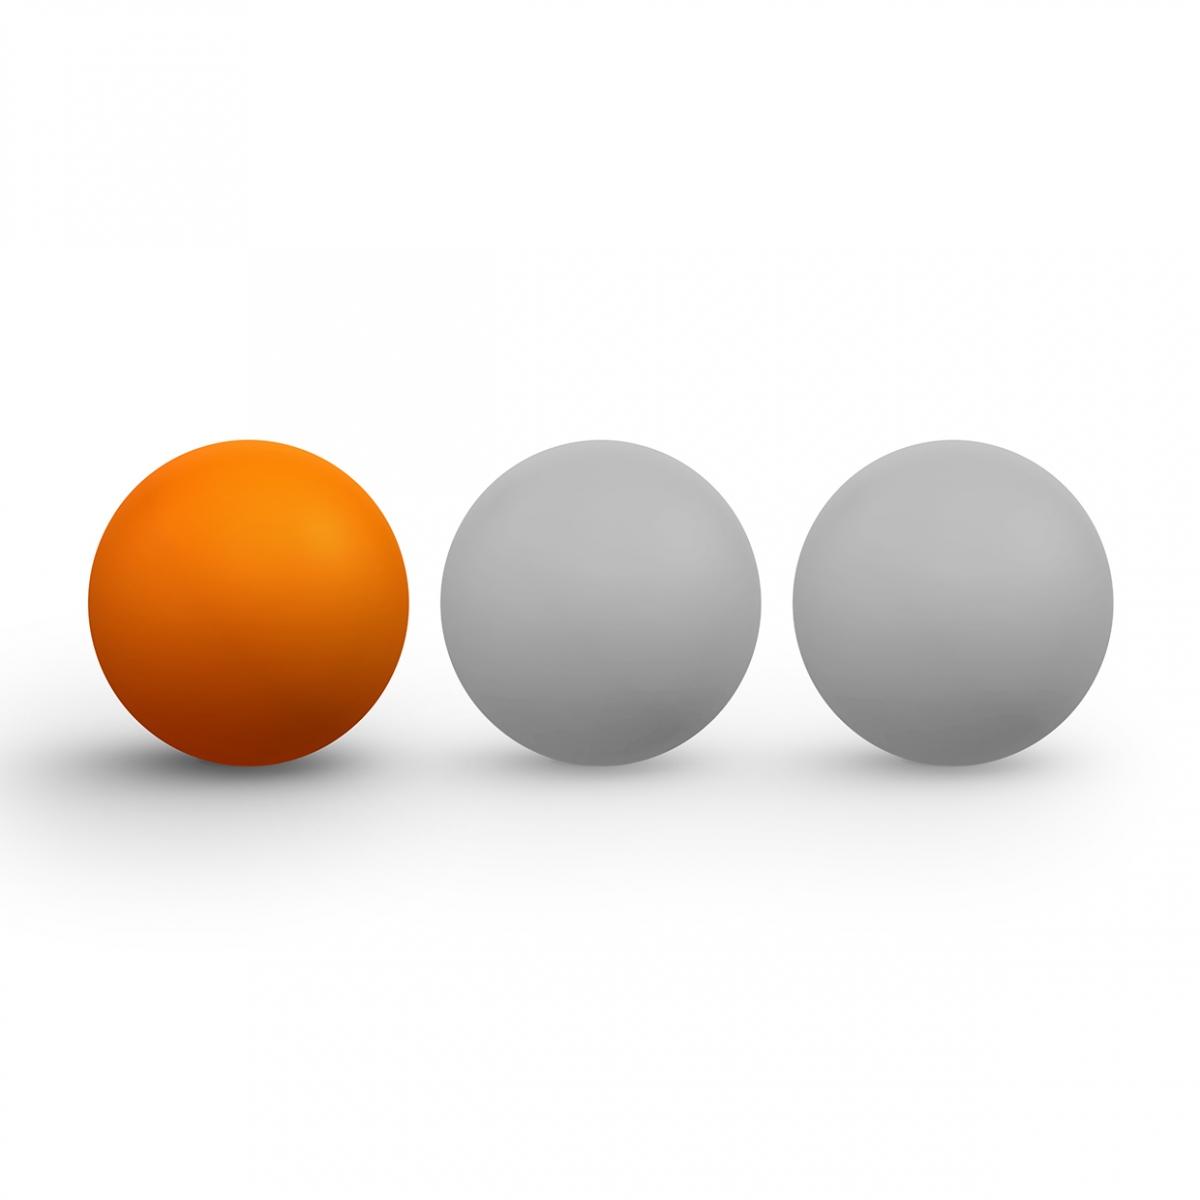 Imagen del concepto A la izquierda